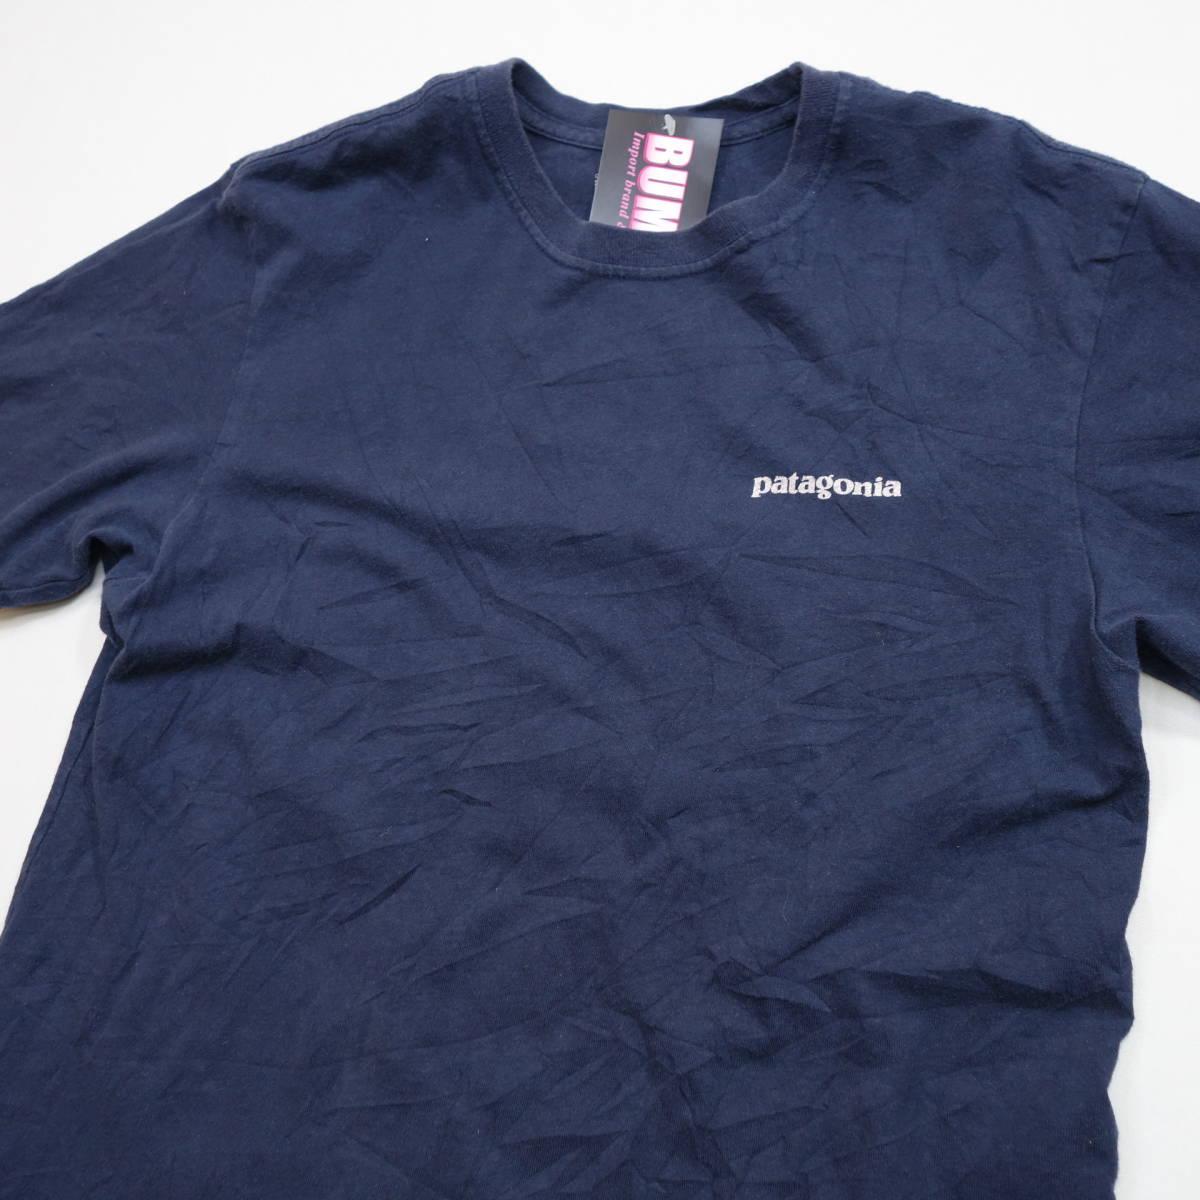 パタゴニア patagonia Tシャツ 半袖 メンズ S クルーネック バックプリント アウトドア カジュアル アメリカ USA直輸入 古着 MNO-1-1-0510_画像3